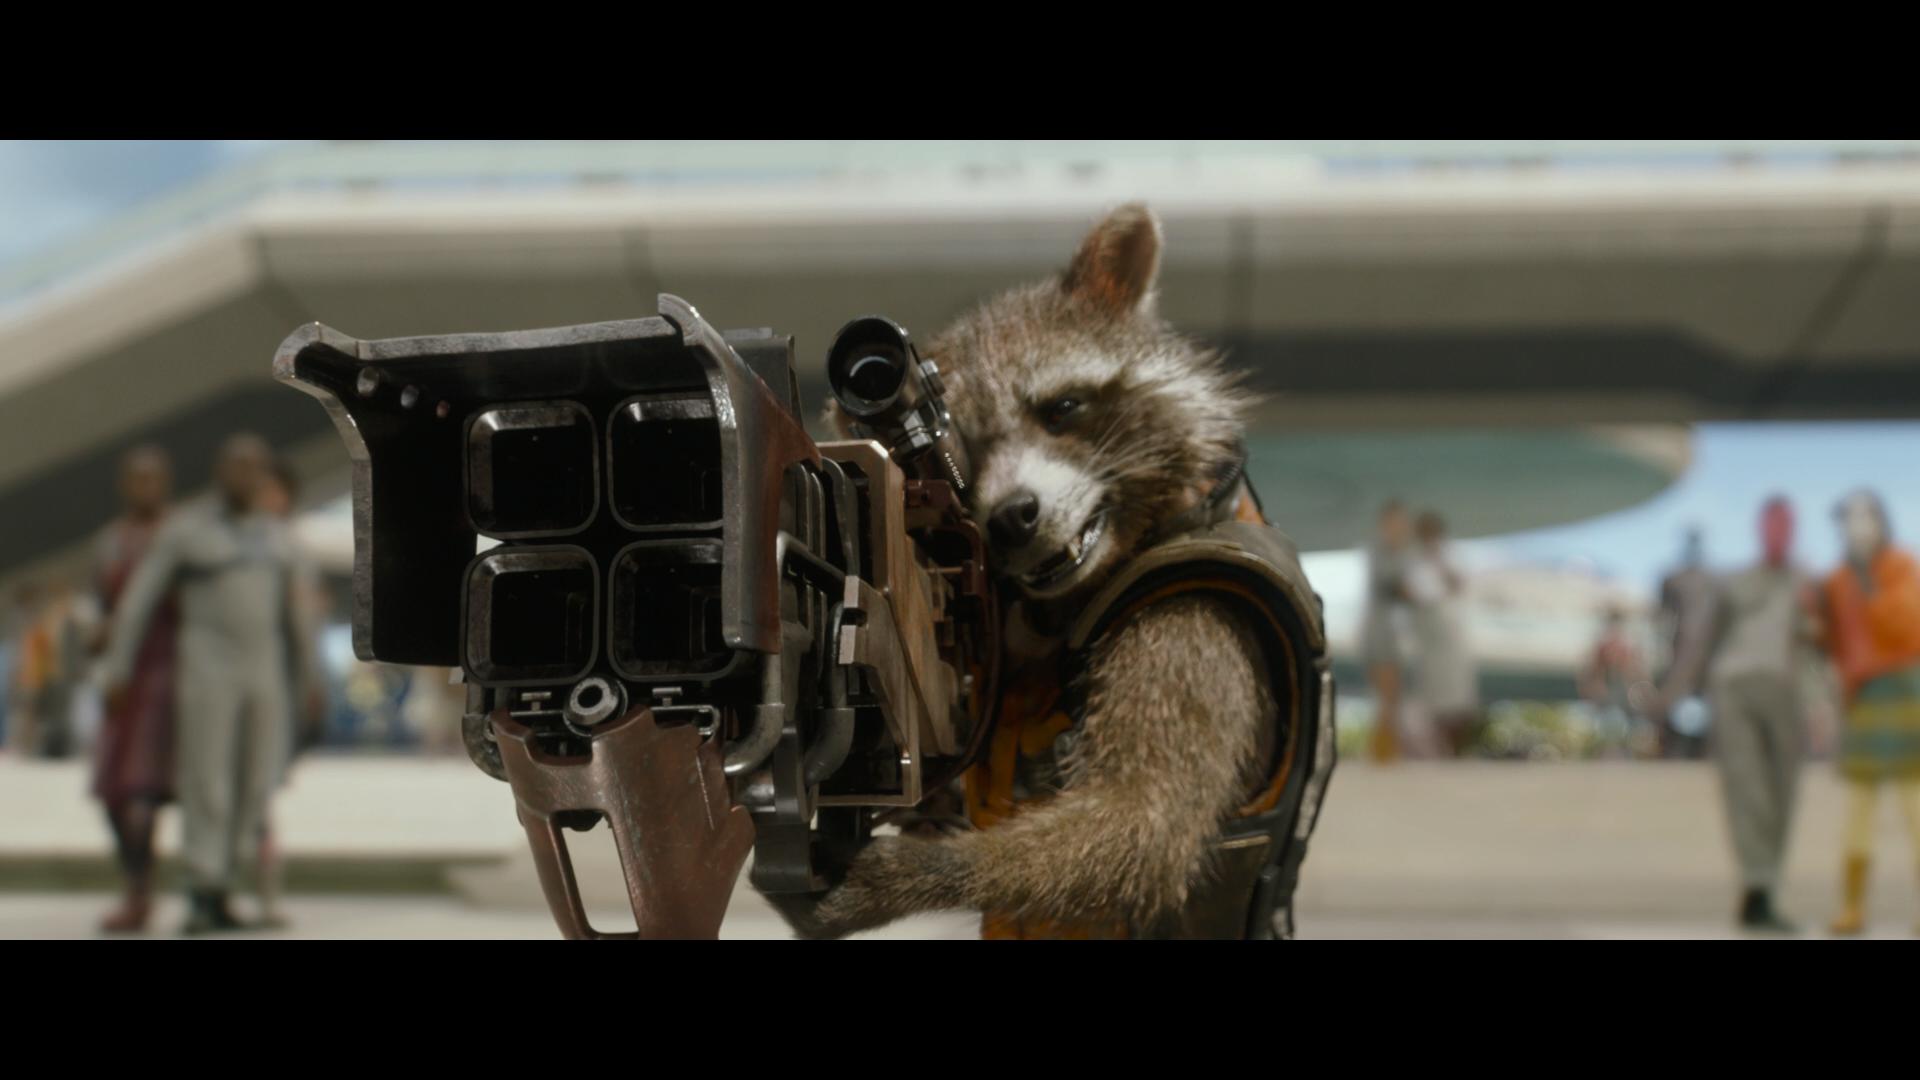 Смотреть кино Стражи Галактики. Часть 2 в хорошем качестве